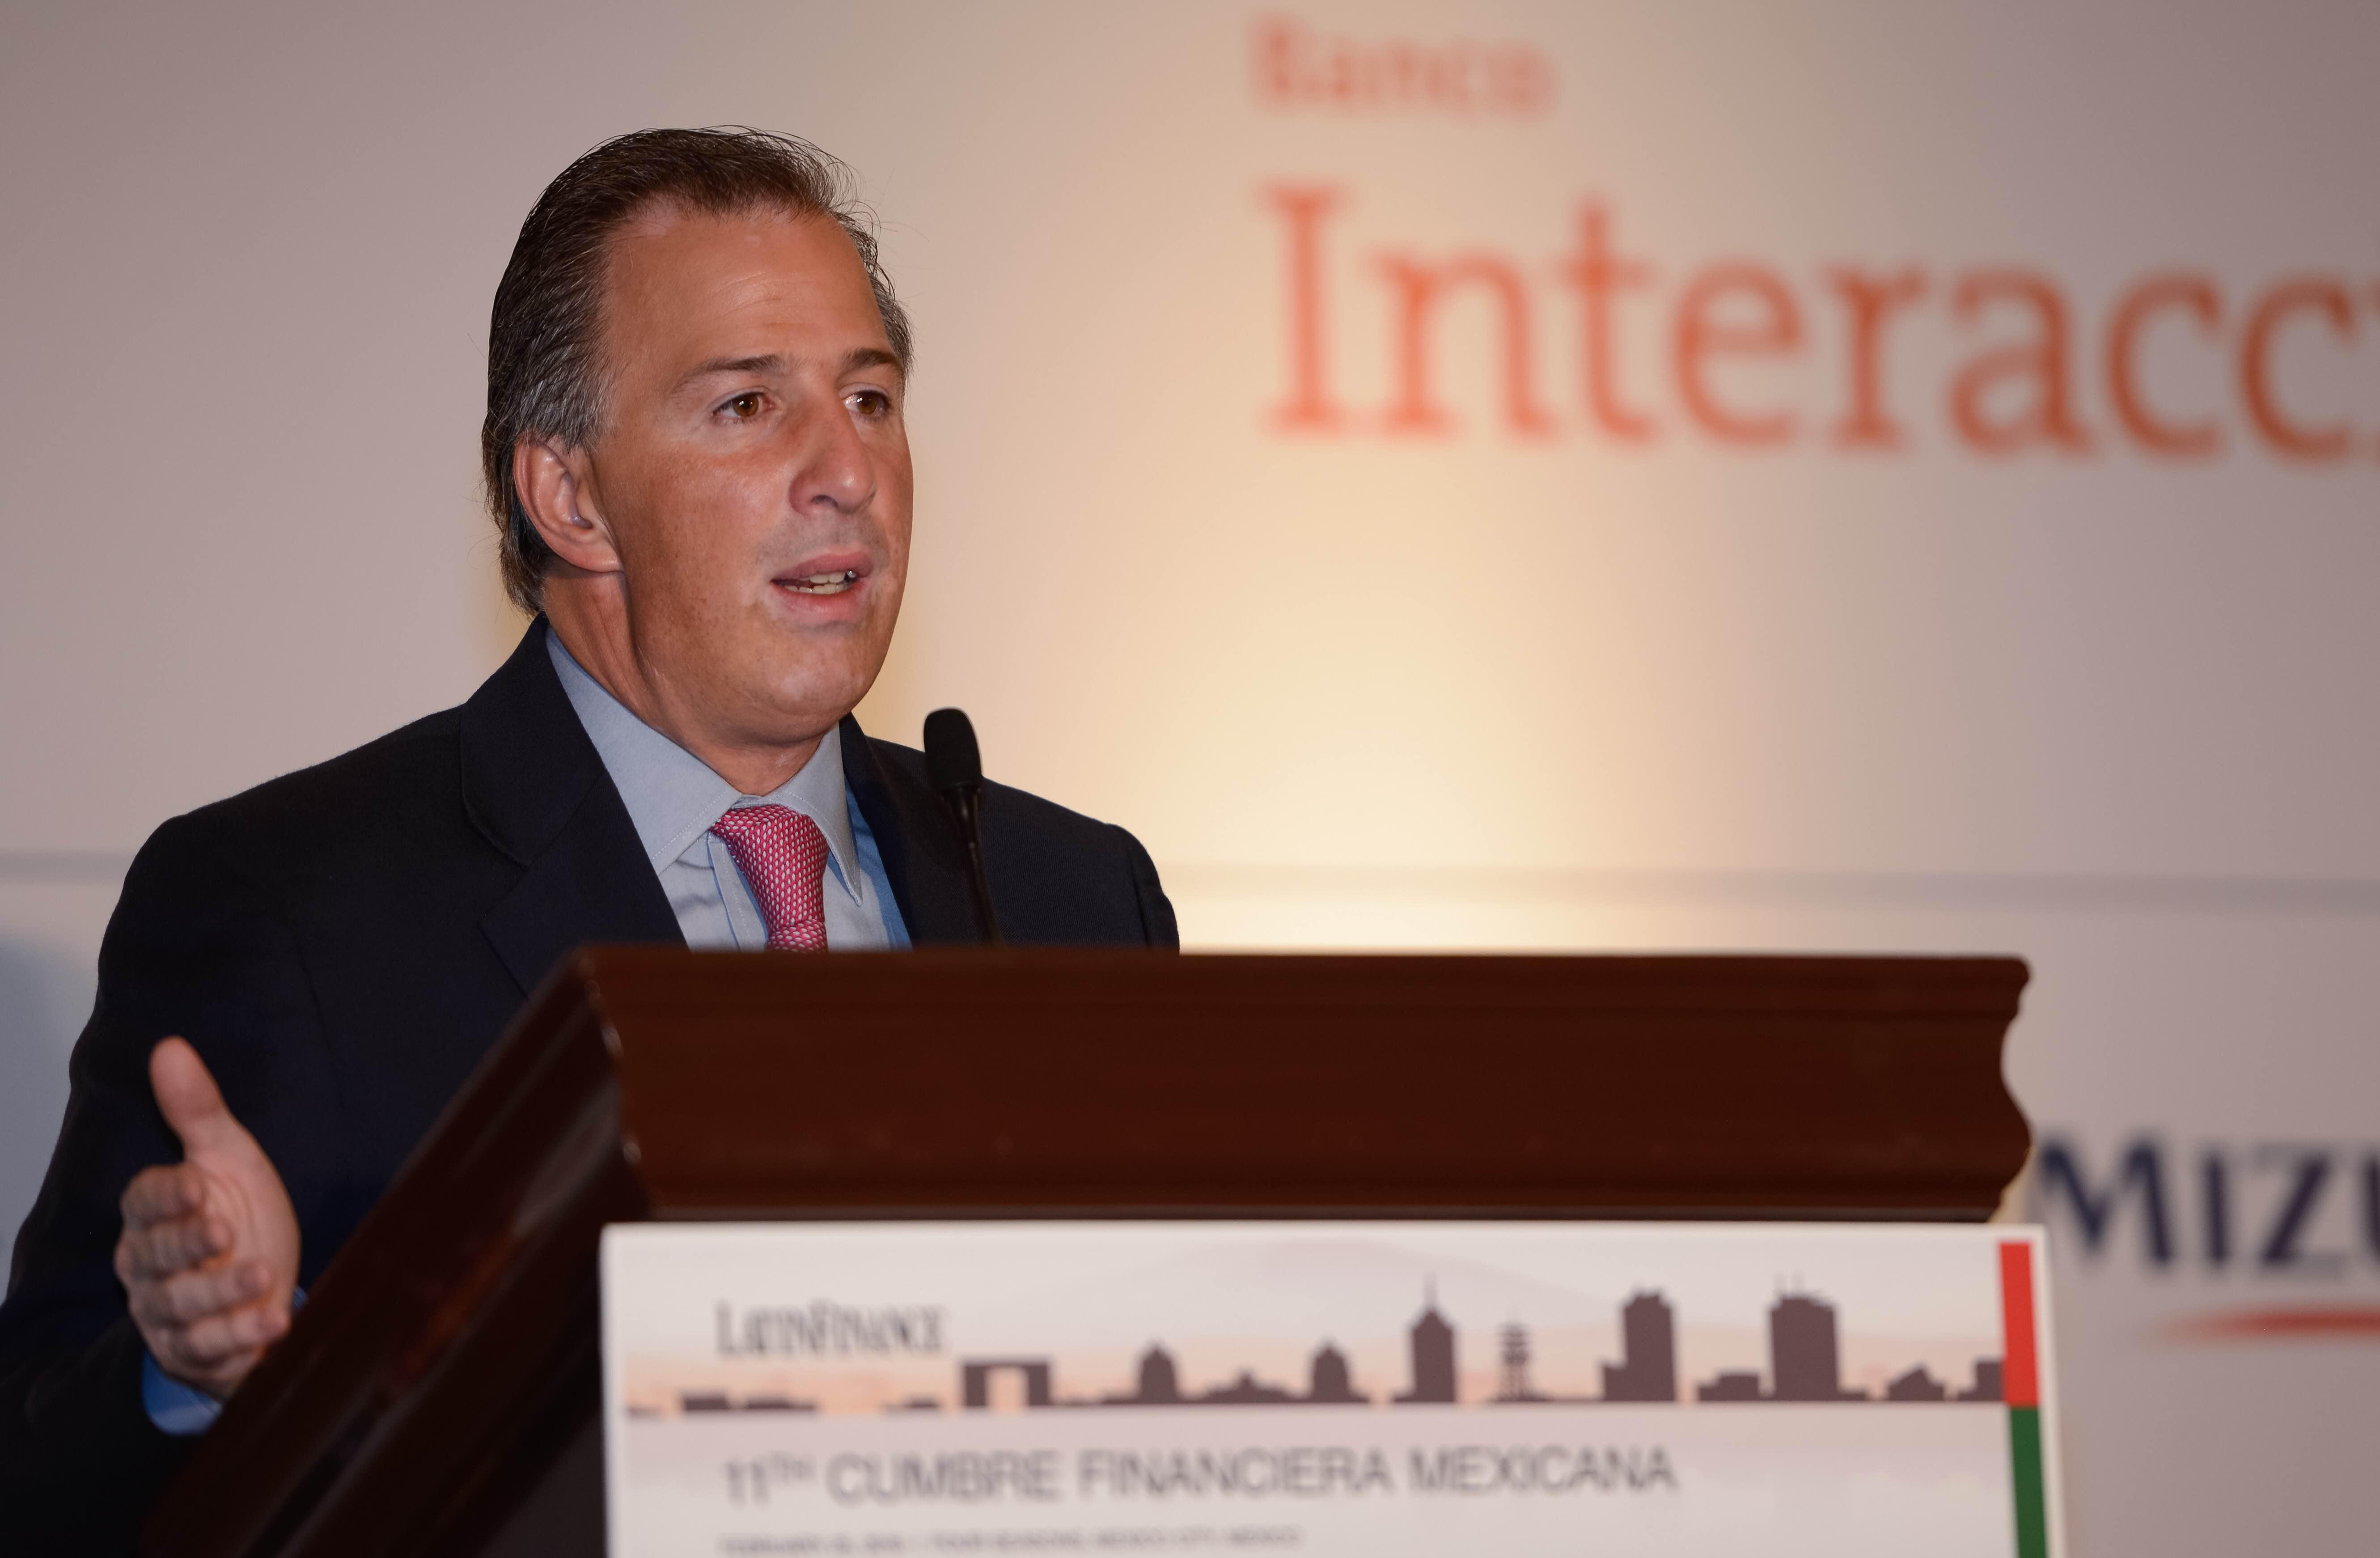 El secretario de Desarrollo Social participó como orador en la 11ª Cumbre Financiera Mexicana